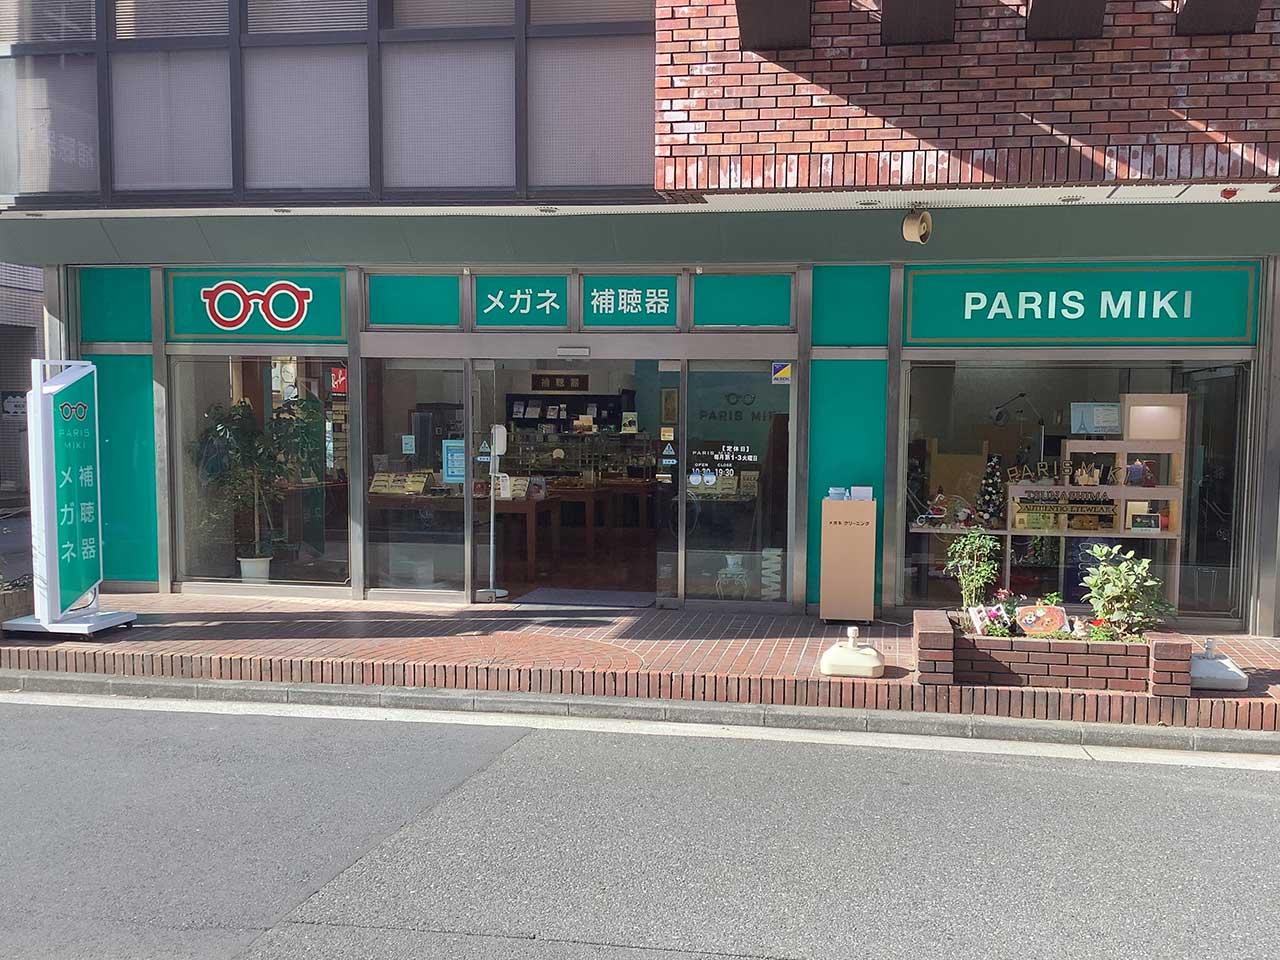 綱島店 | 店舗検索(店舗案内) | パリミキ・メガネの三城